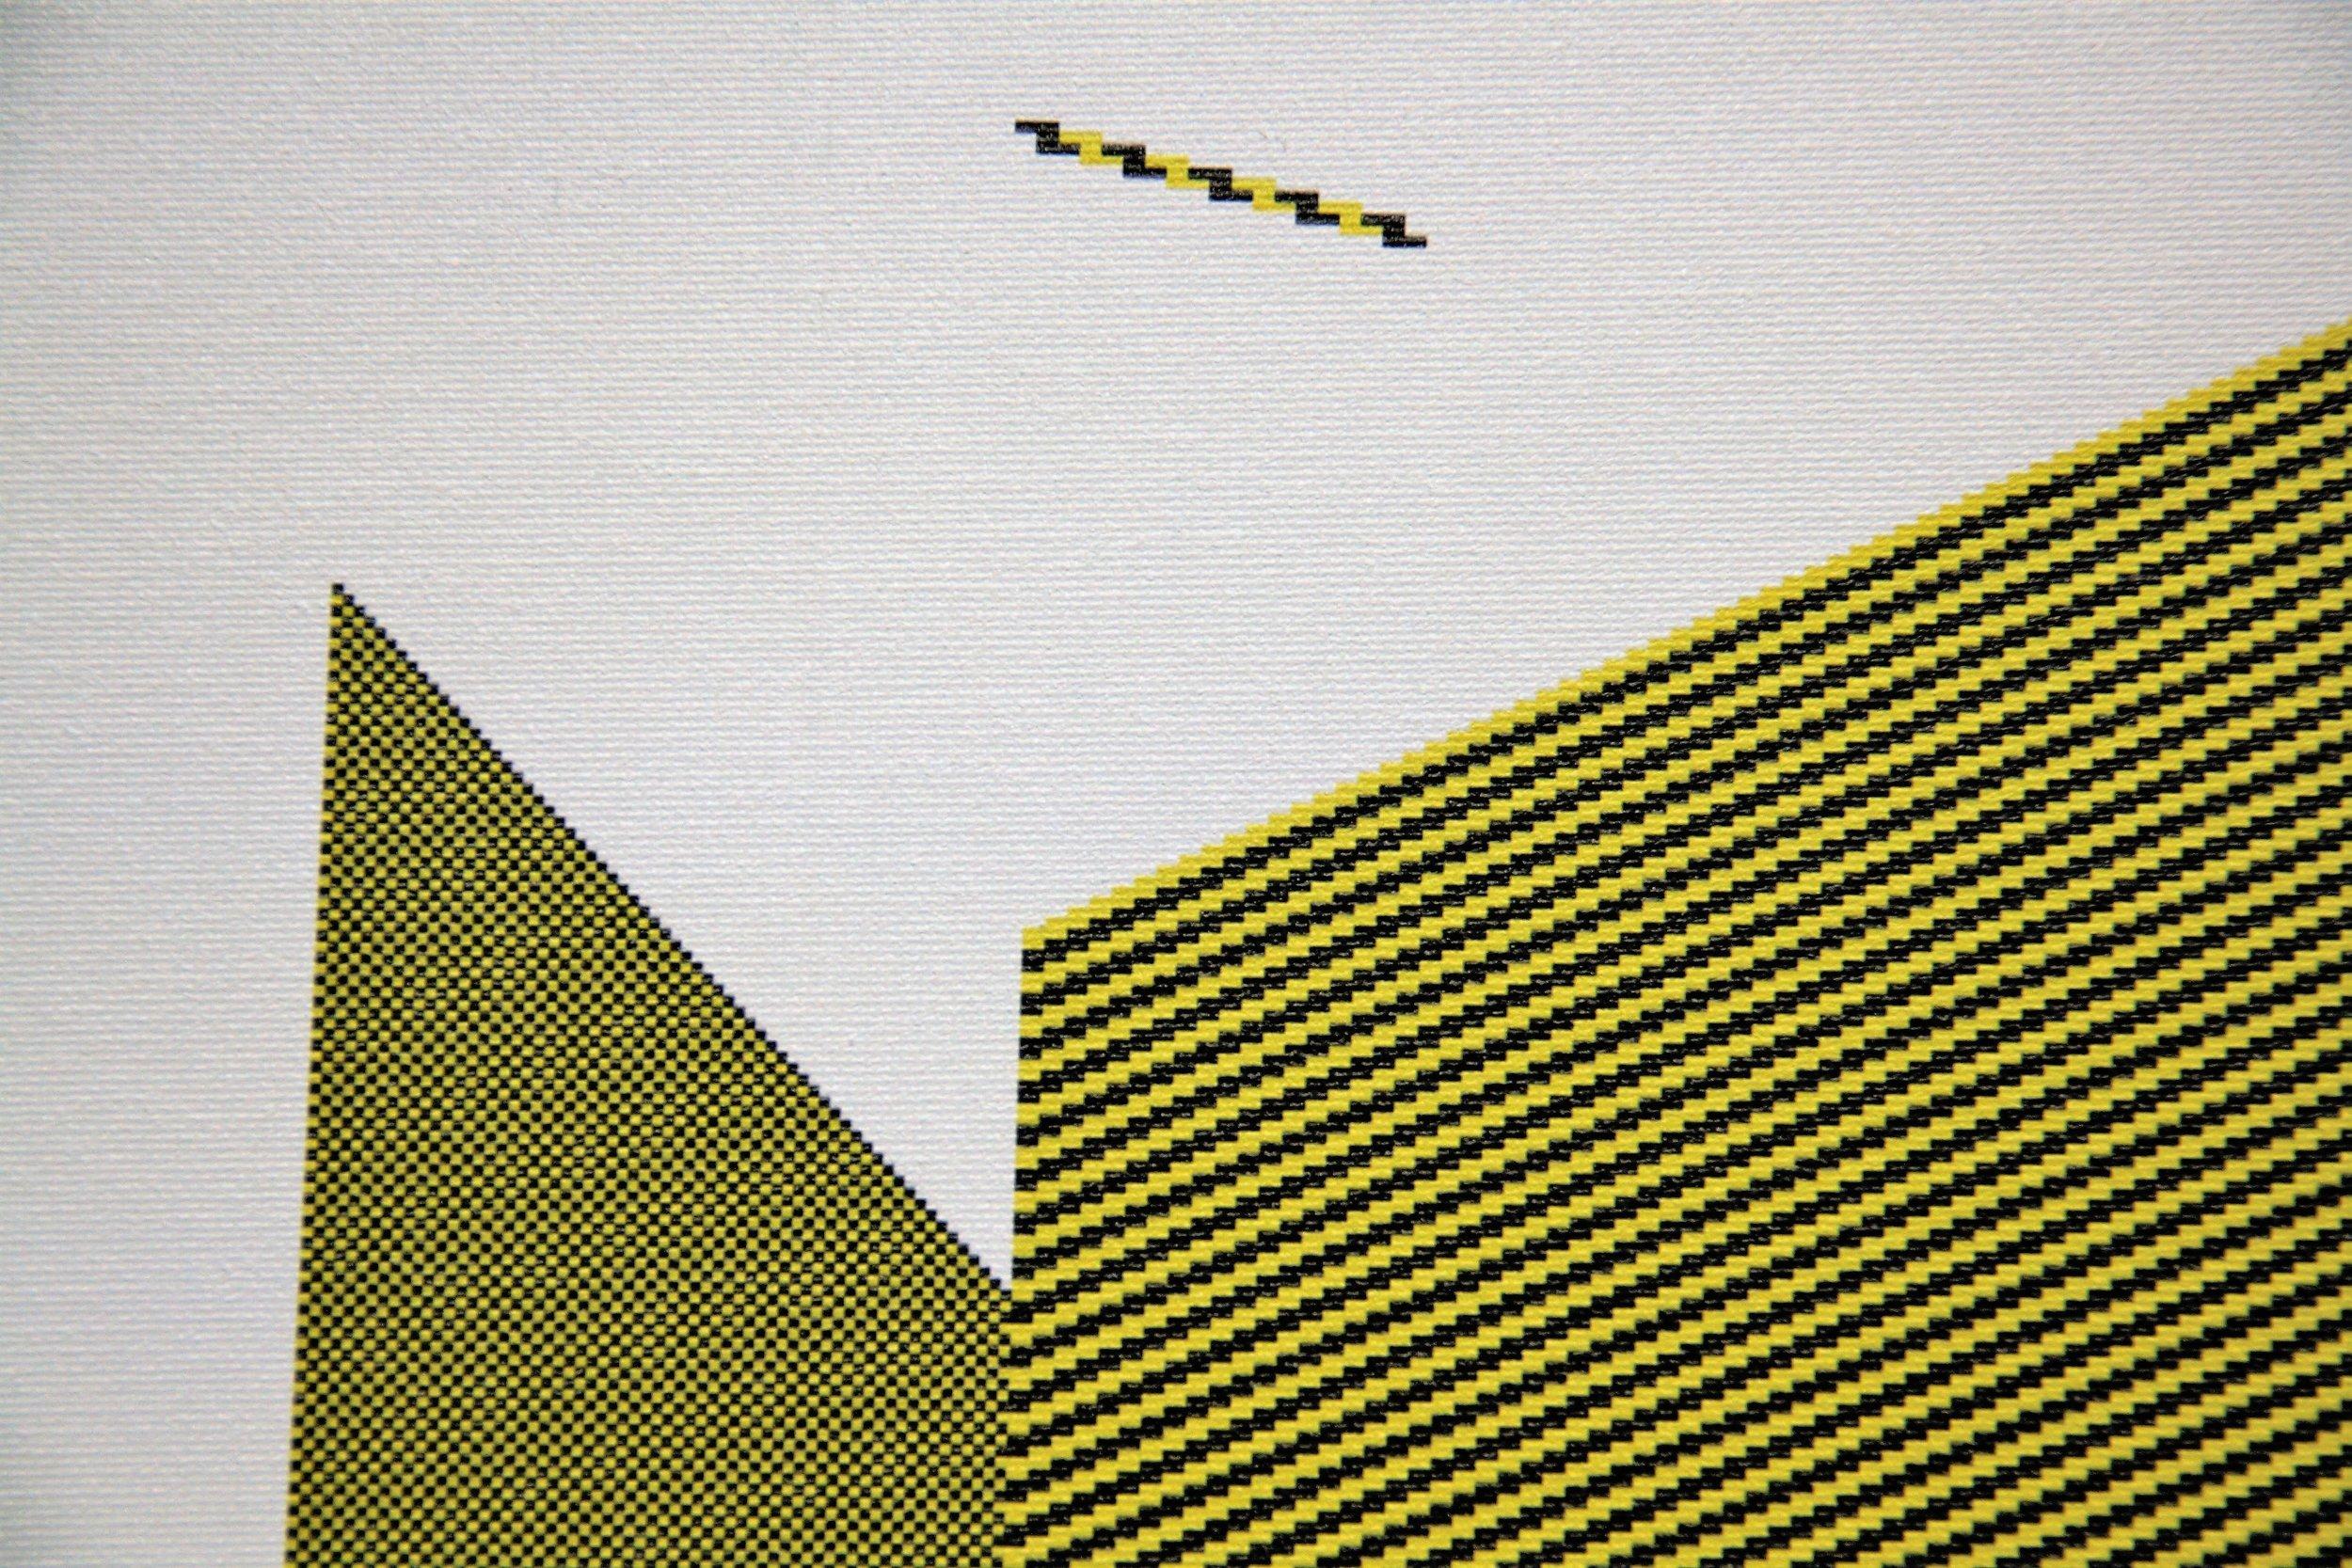 Søren Krag, Suspended Stick , detail, 2016